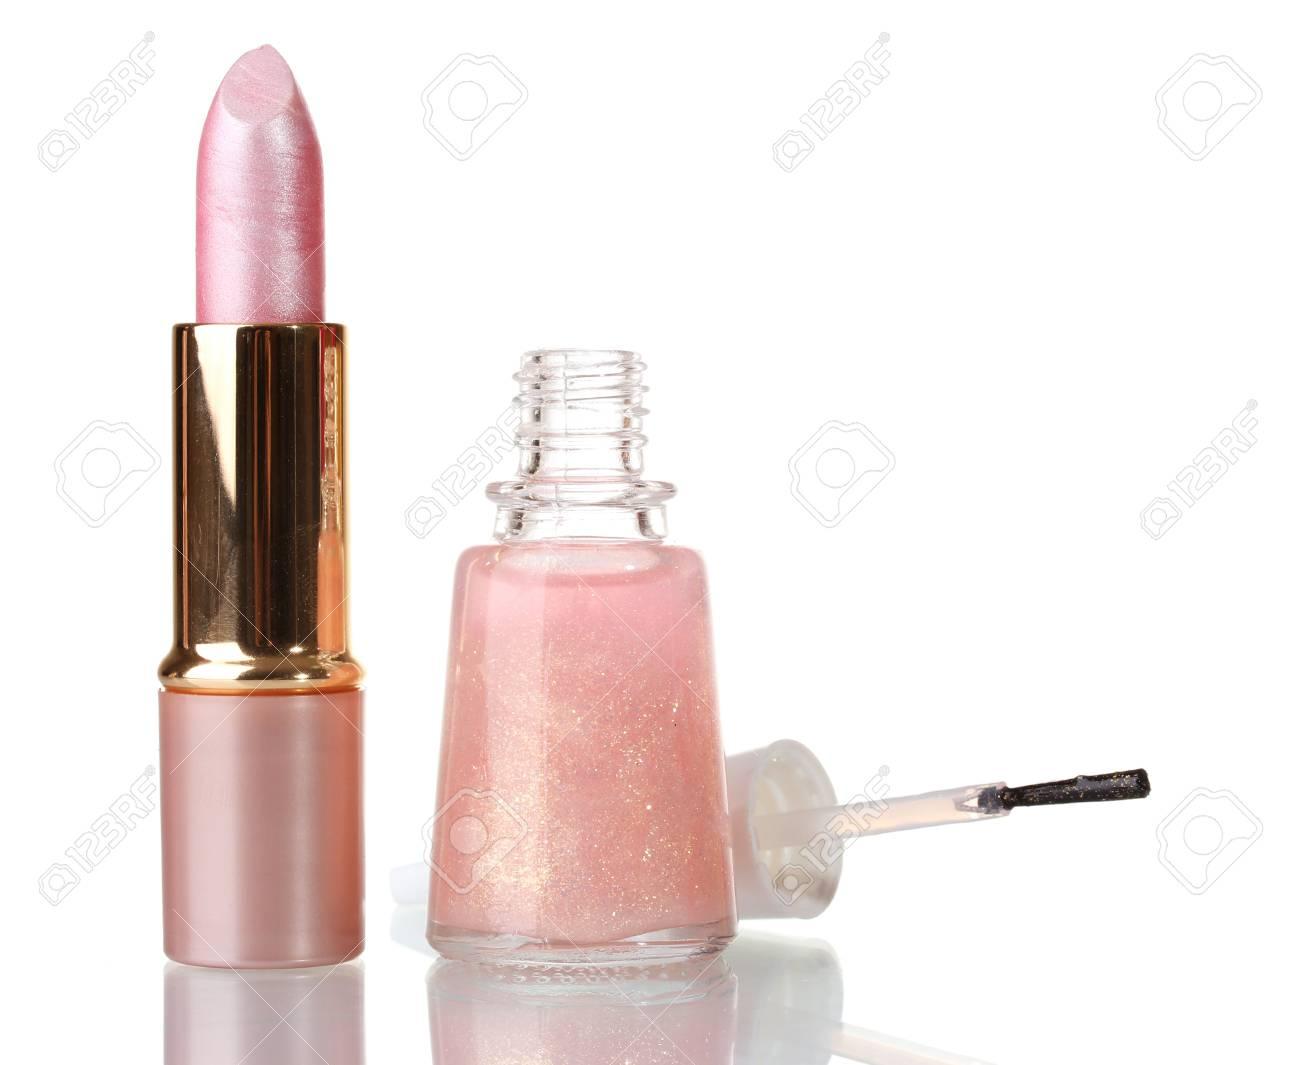 Lápiz De Labios Rosa Y Esmalte De Uñas De Color Beige Con Destellos Aislados En Blanco